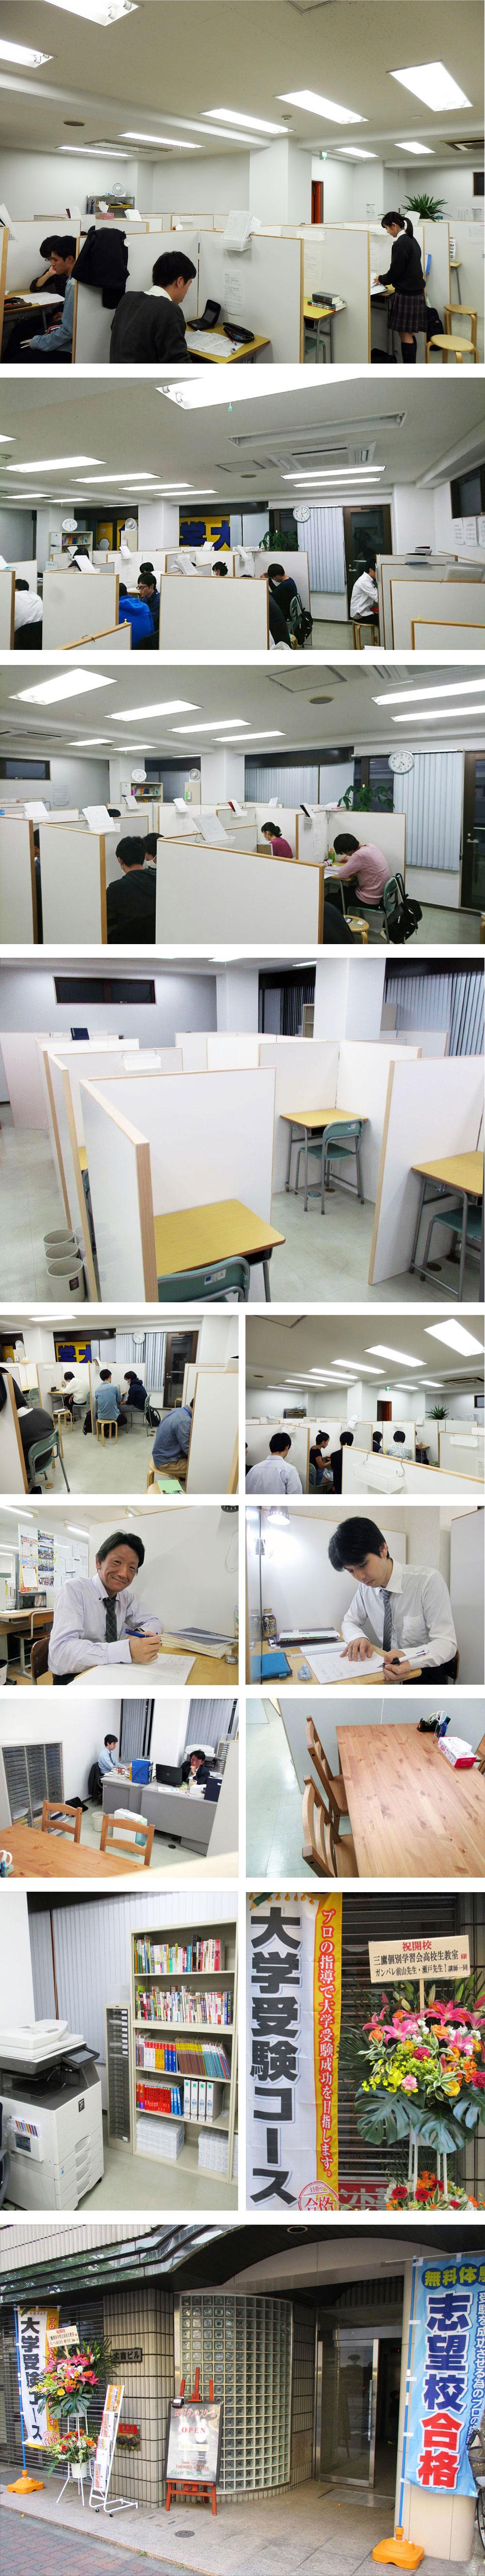 三鷹個別学習会の教室風景